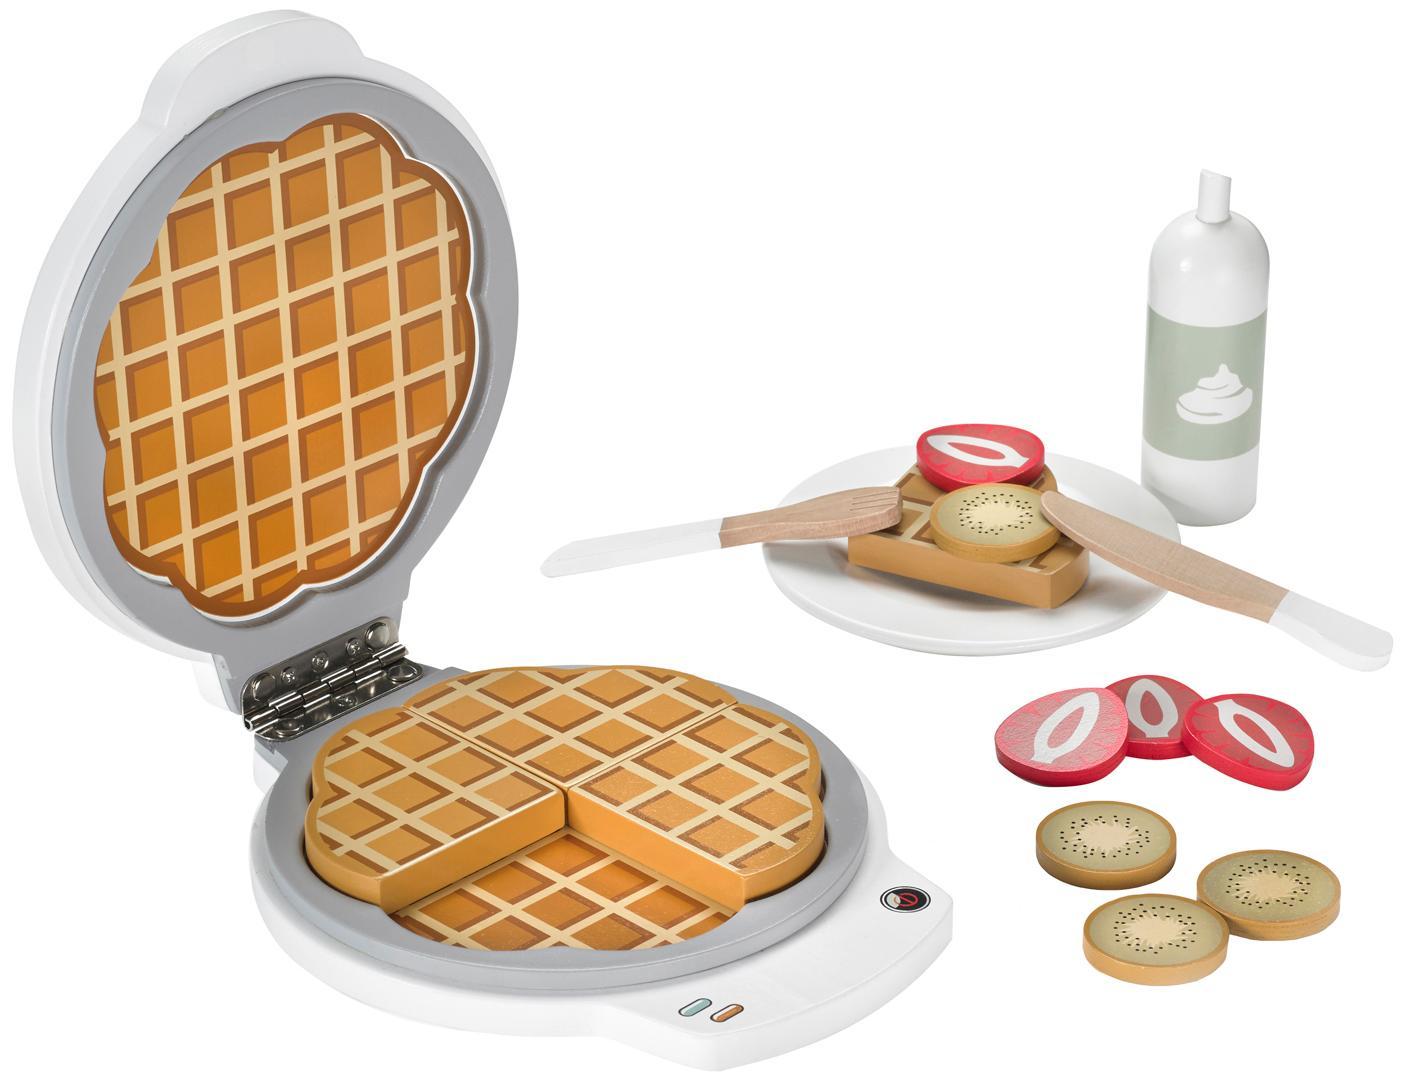 Spielzeug-Set Waffeleisen, Schimaholz, Mitteldichte Holzfaserplatte (MDF), Sperrholz, beschichtet, Mehrfarbig, 18 x 4 cm